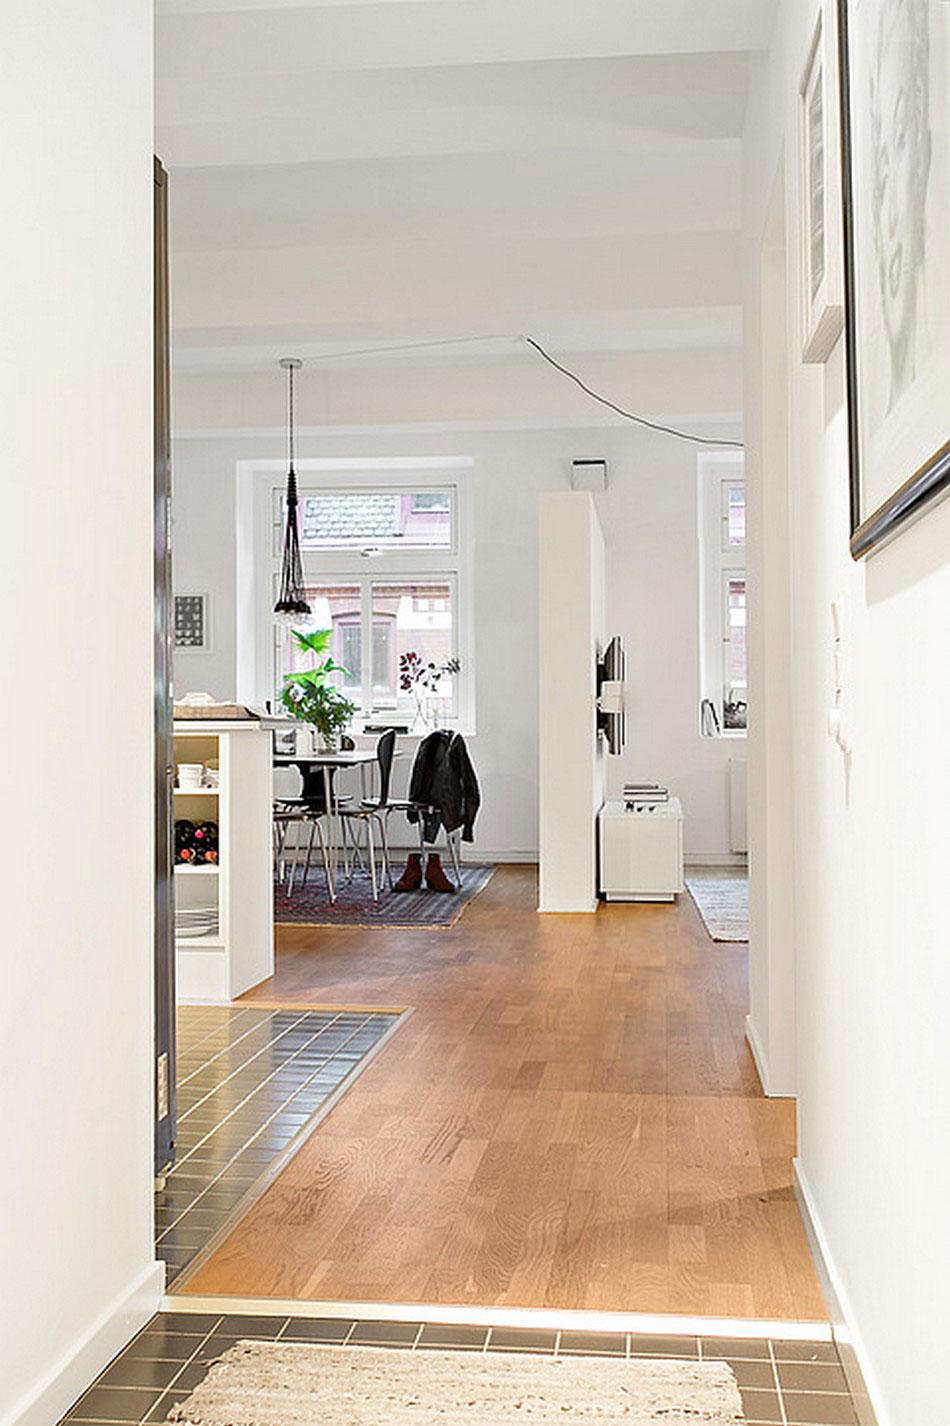 Mysig lägenhet i Göteborg som presenterar en vacker skandinavisk design 16 Mysig lägenhet i Göteborg presenterar en vacker skandinavisk design